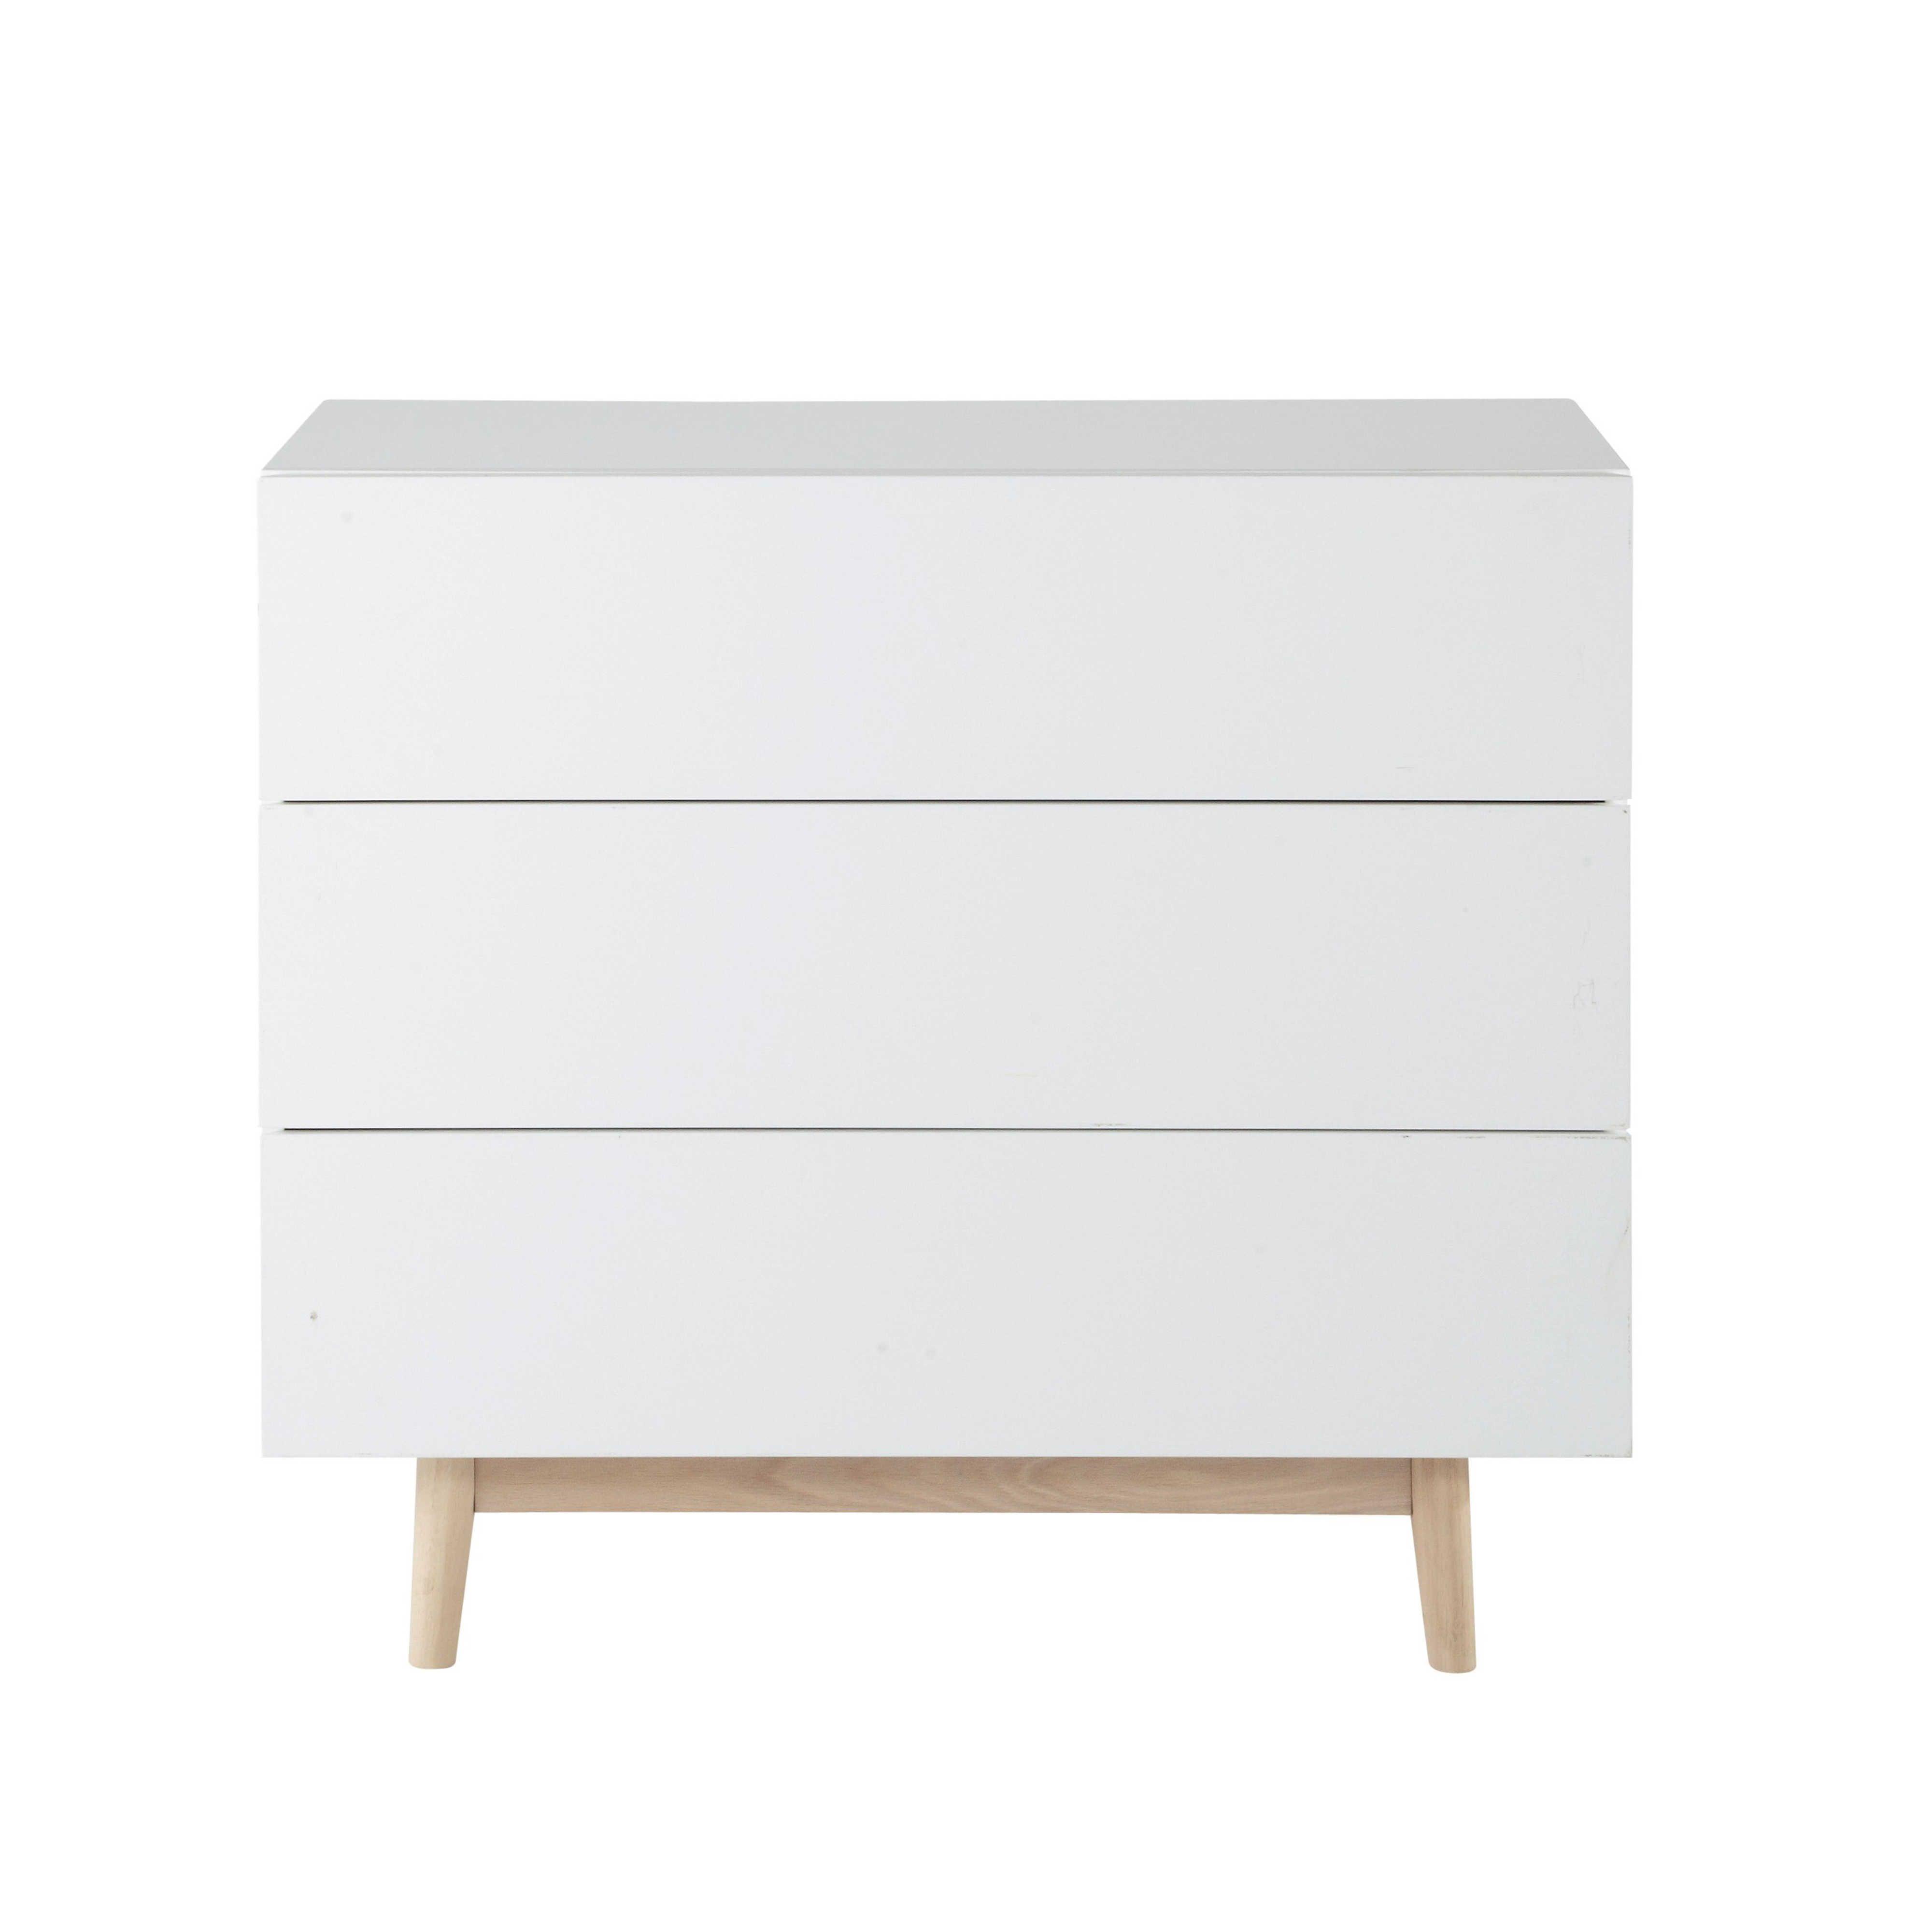 commode vintage en bois blanche l 90 cm artic maisons du monde commode vintage commode bois meuble rangement